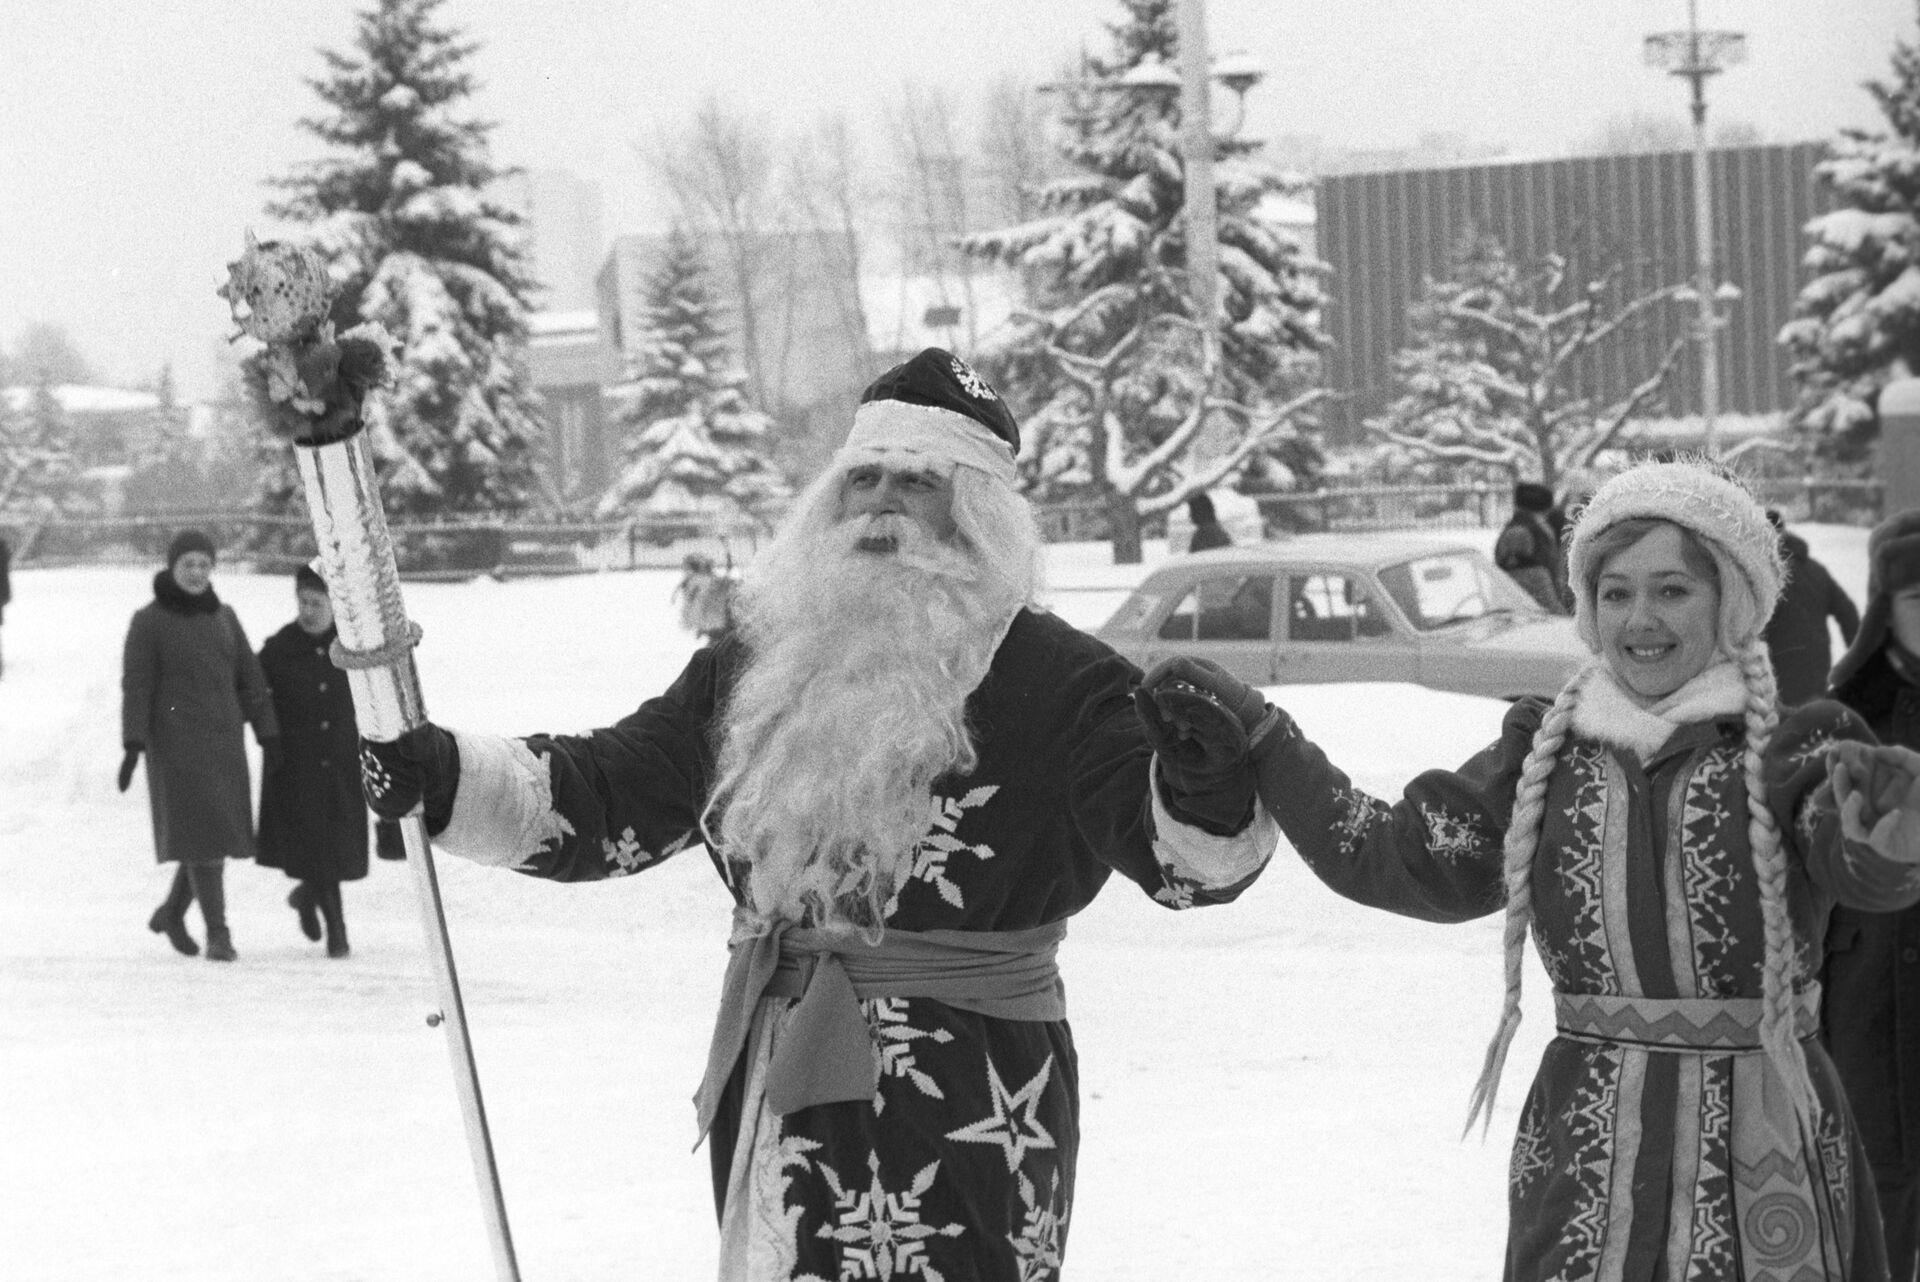 Дед Мороз и Снегурочка на школьном празднике в канун Нового года. 31 декабря 1985 - РИА Новости, 1920, 27.12.2020